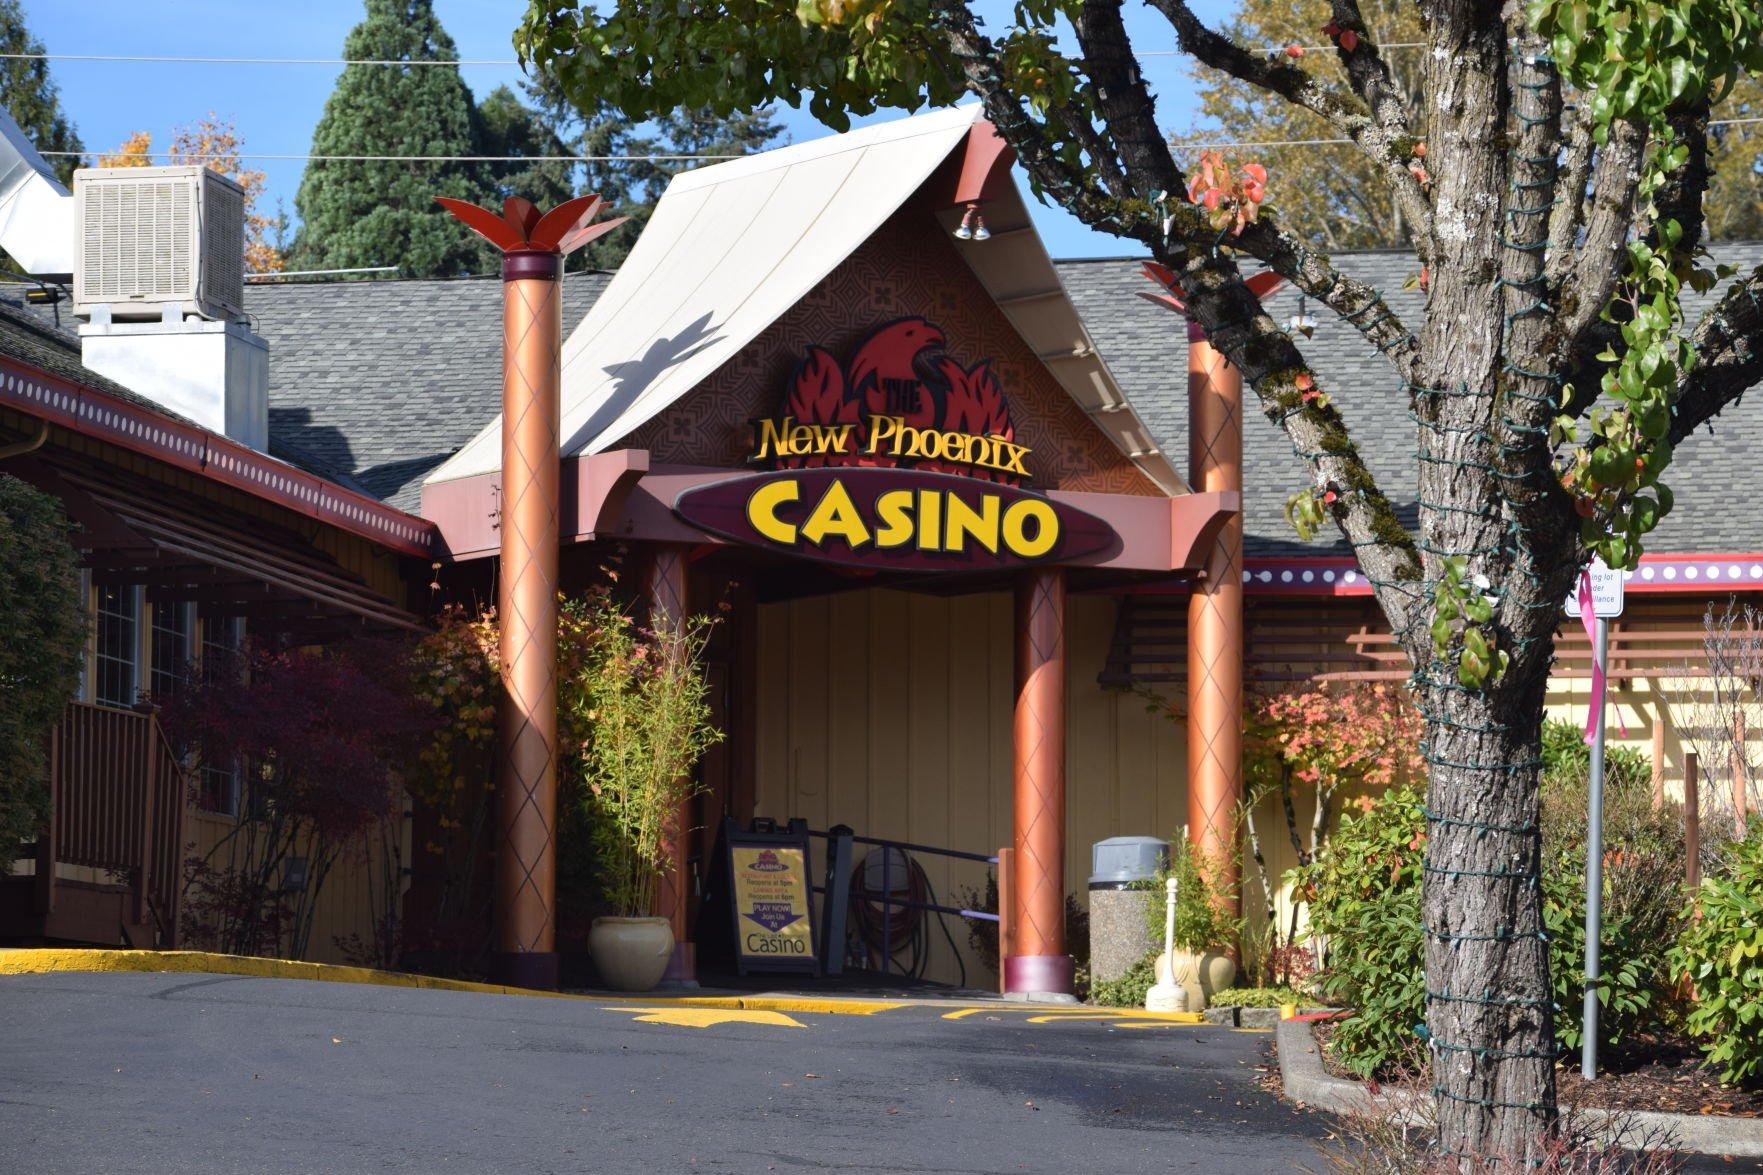 New phoenix casino la center cherei heights casino